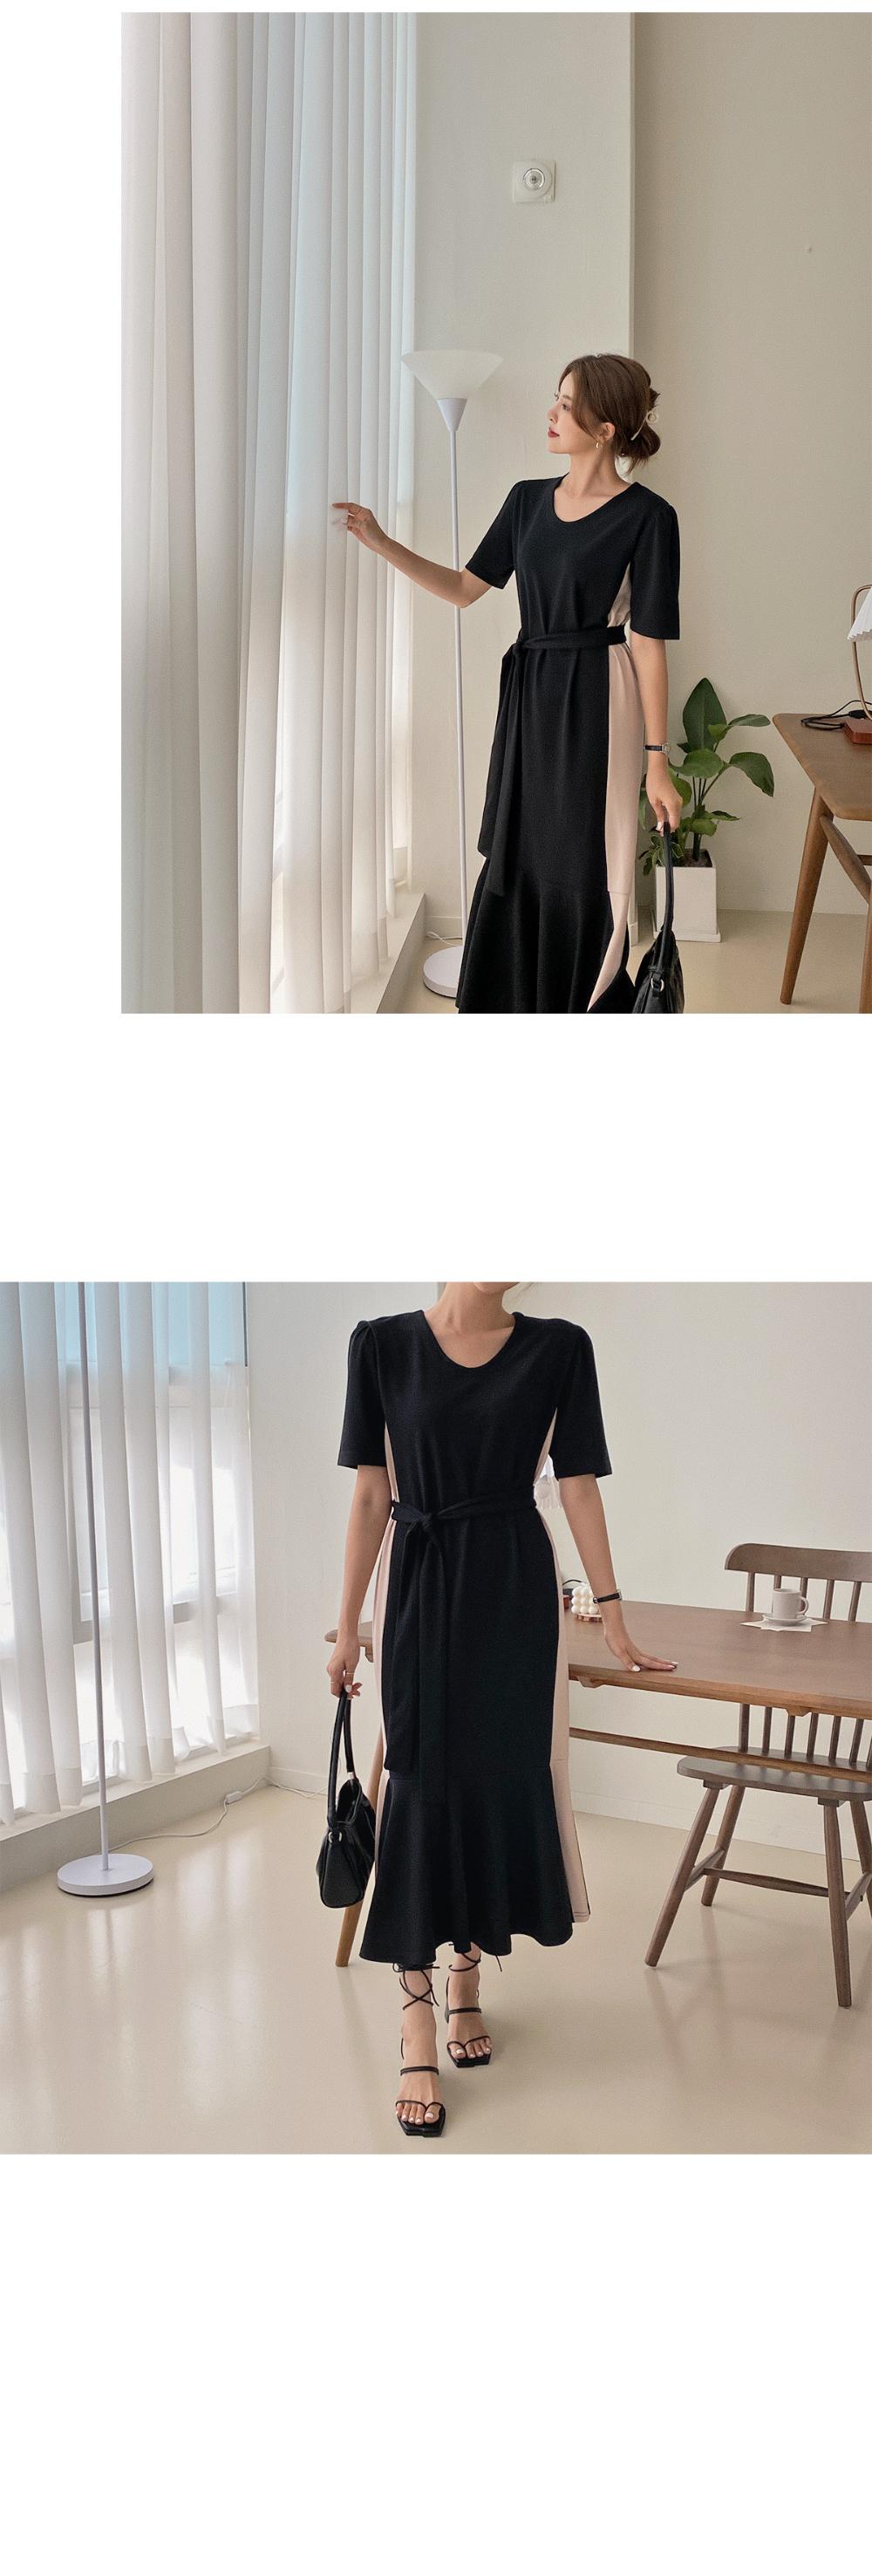 Minuet color matching Dress - 2color